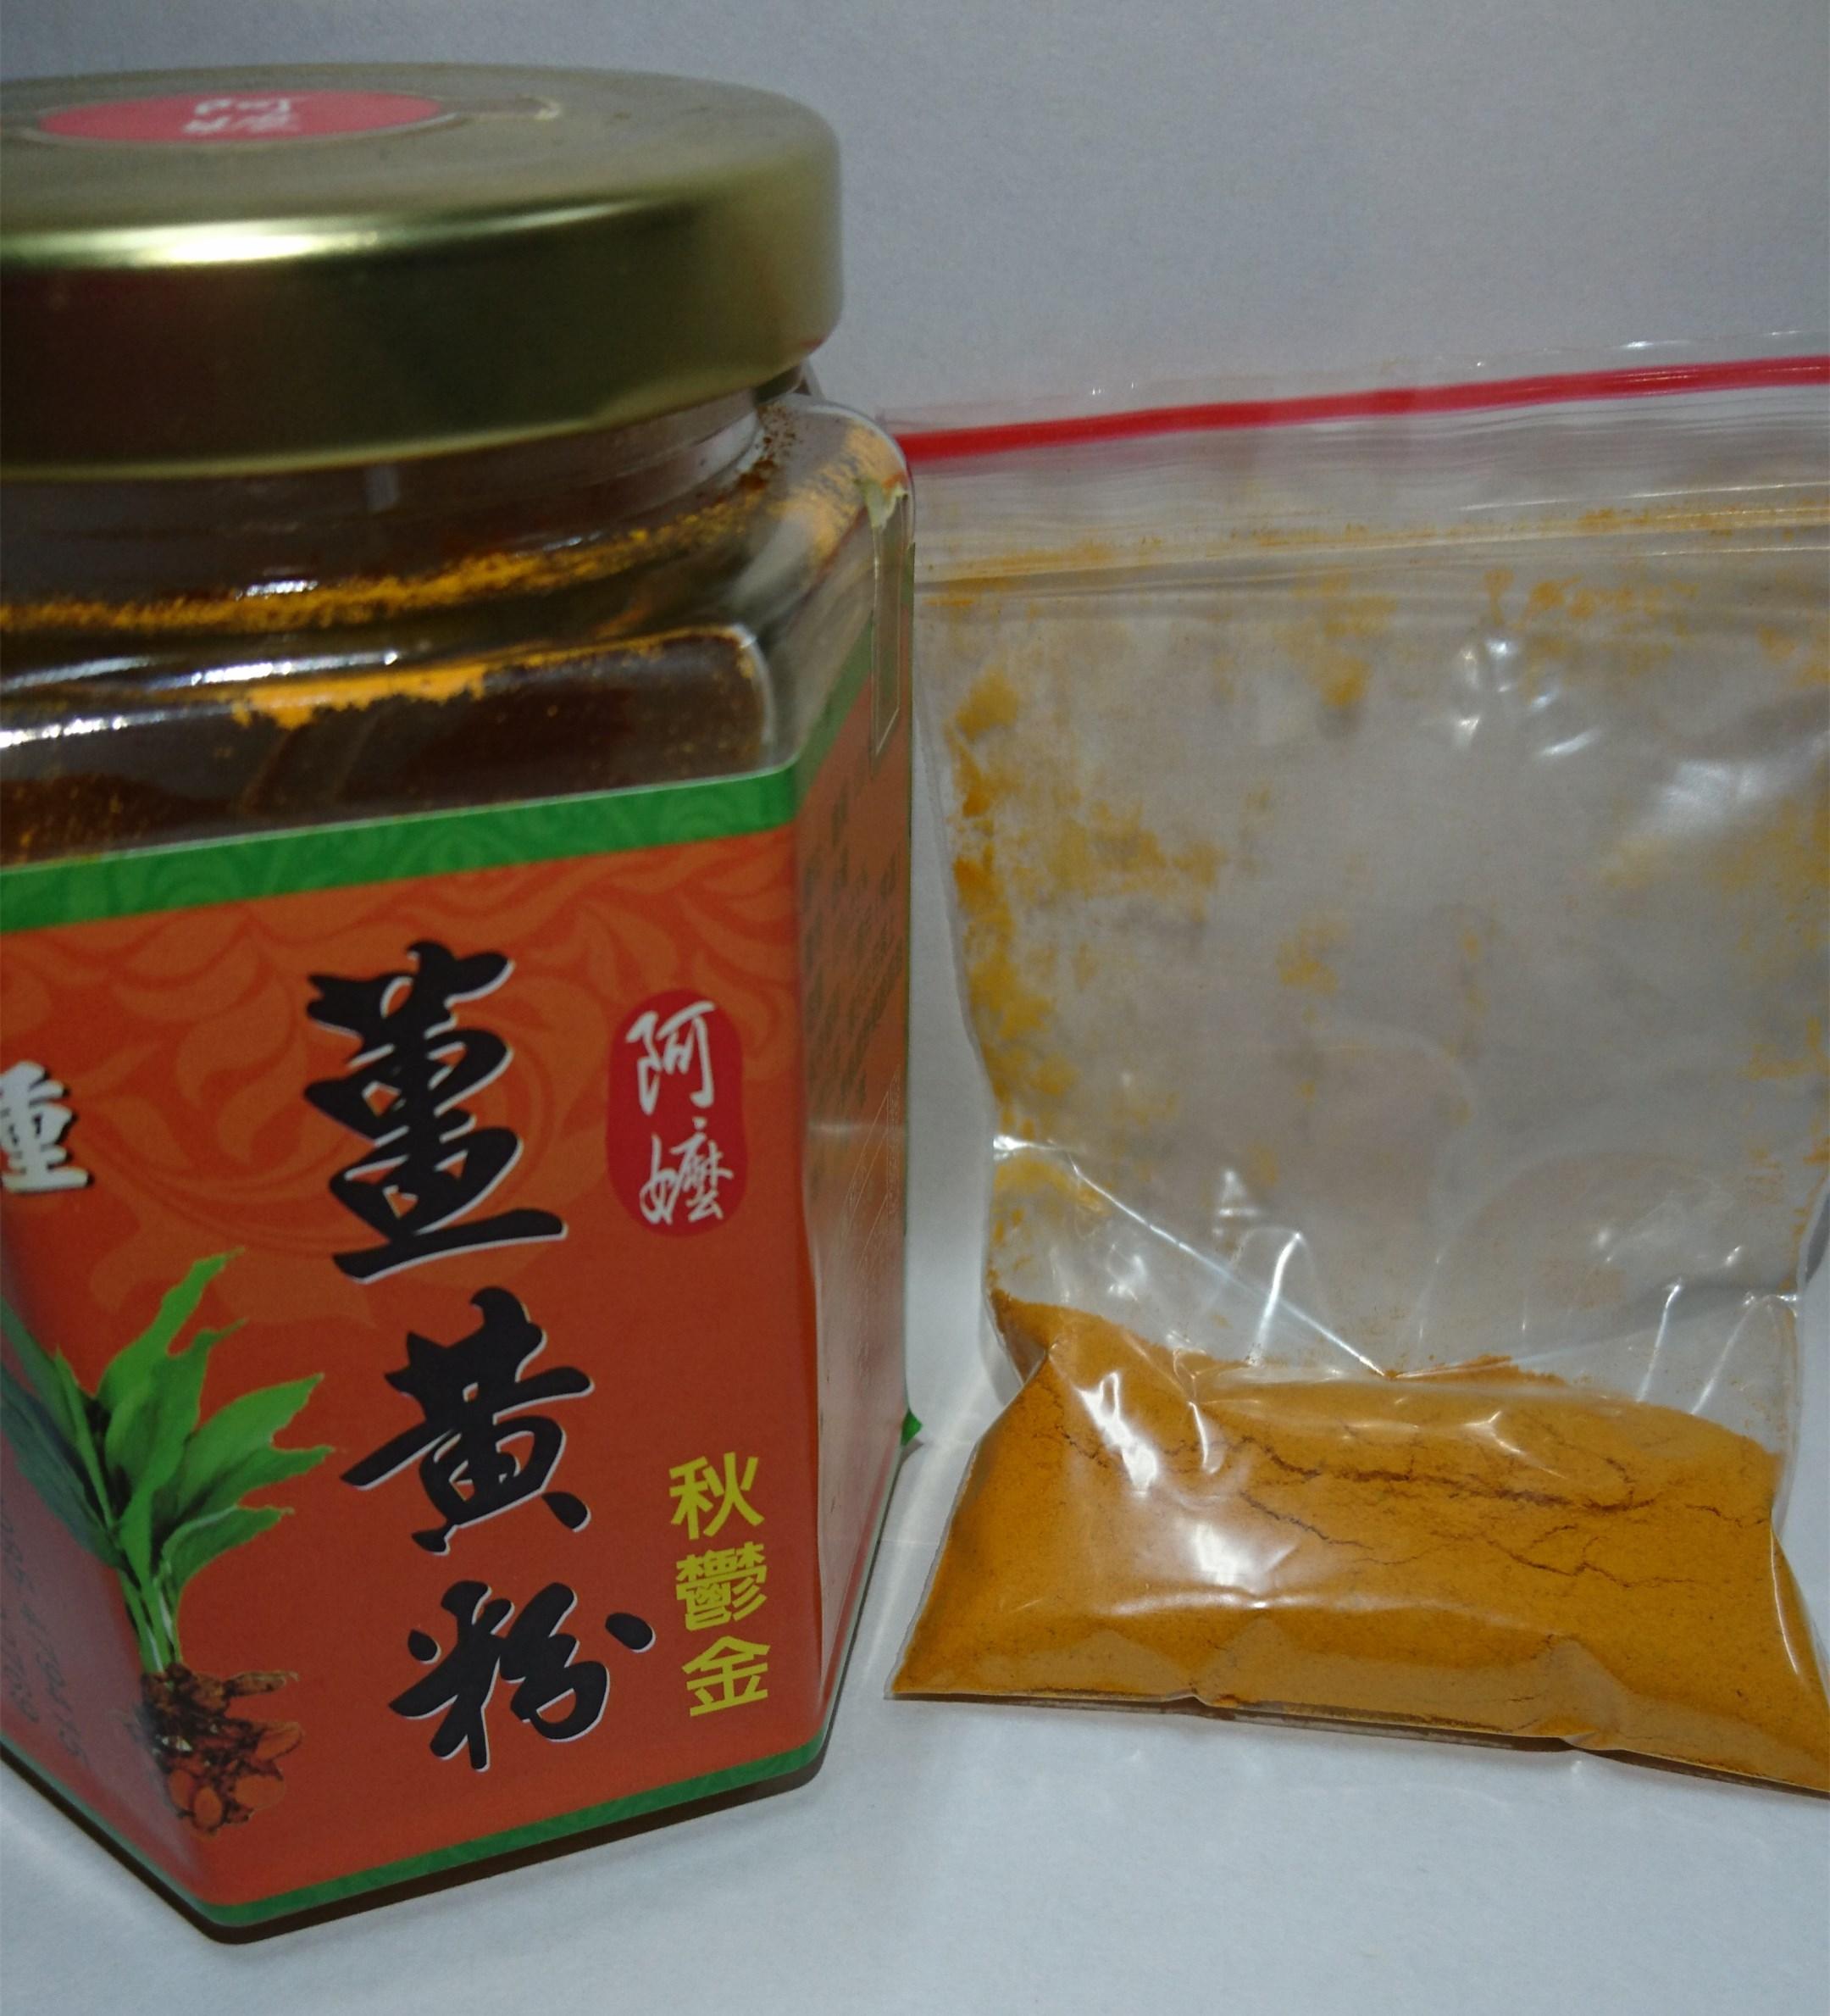 【艾美麗生活館】秋鬱金薑黃粉超值試用包6G